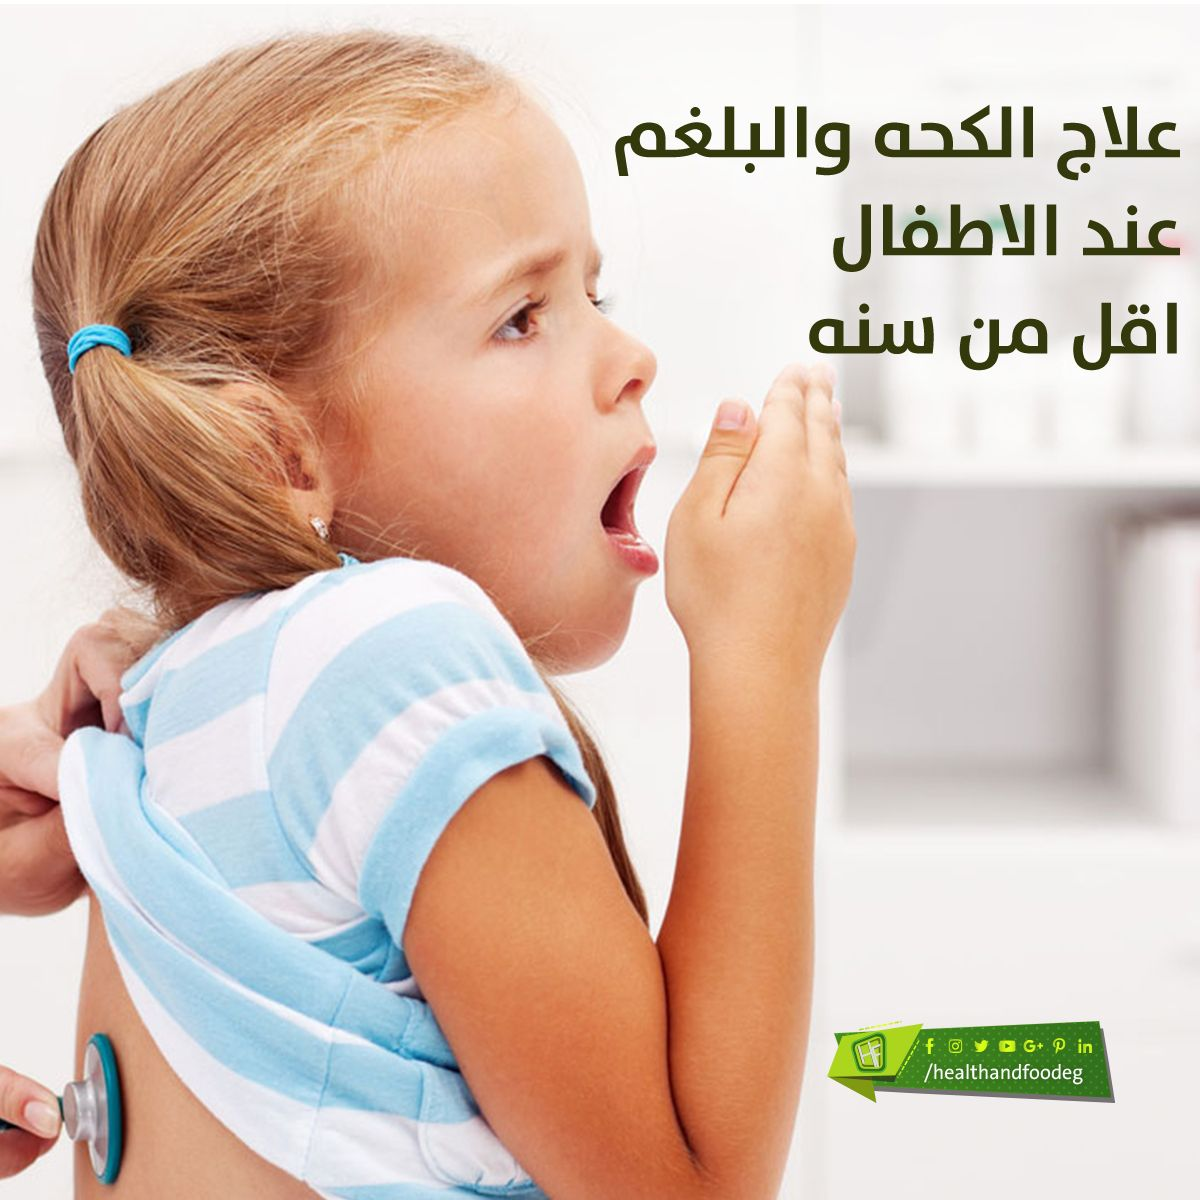 الدكتور احمد ابو النصر Baby Face Face